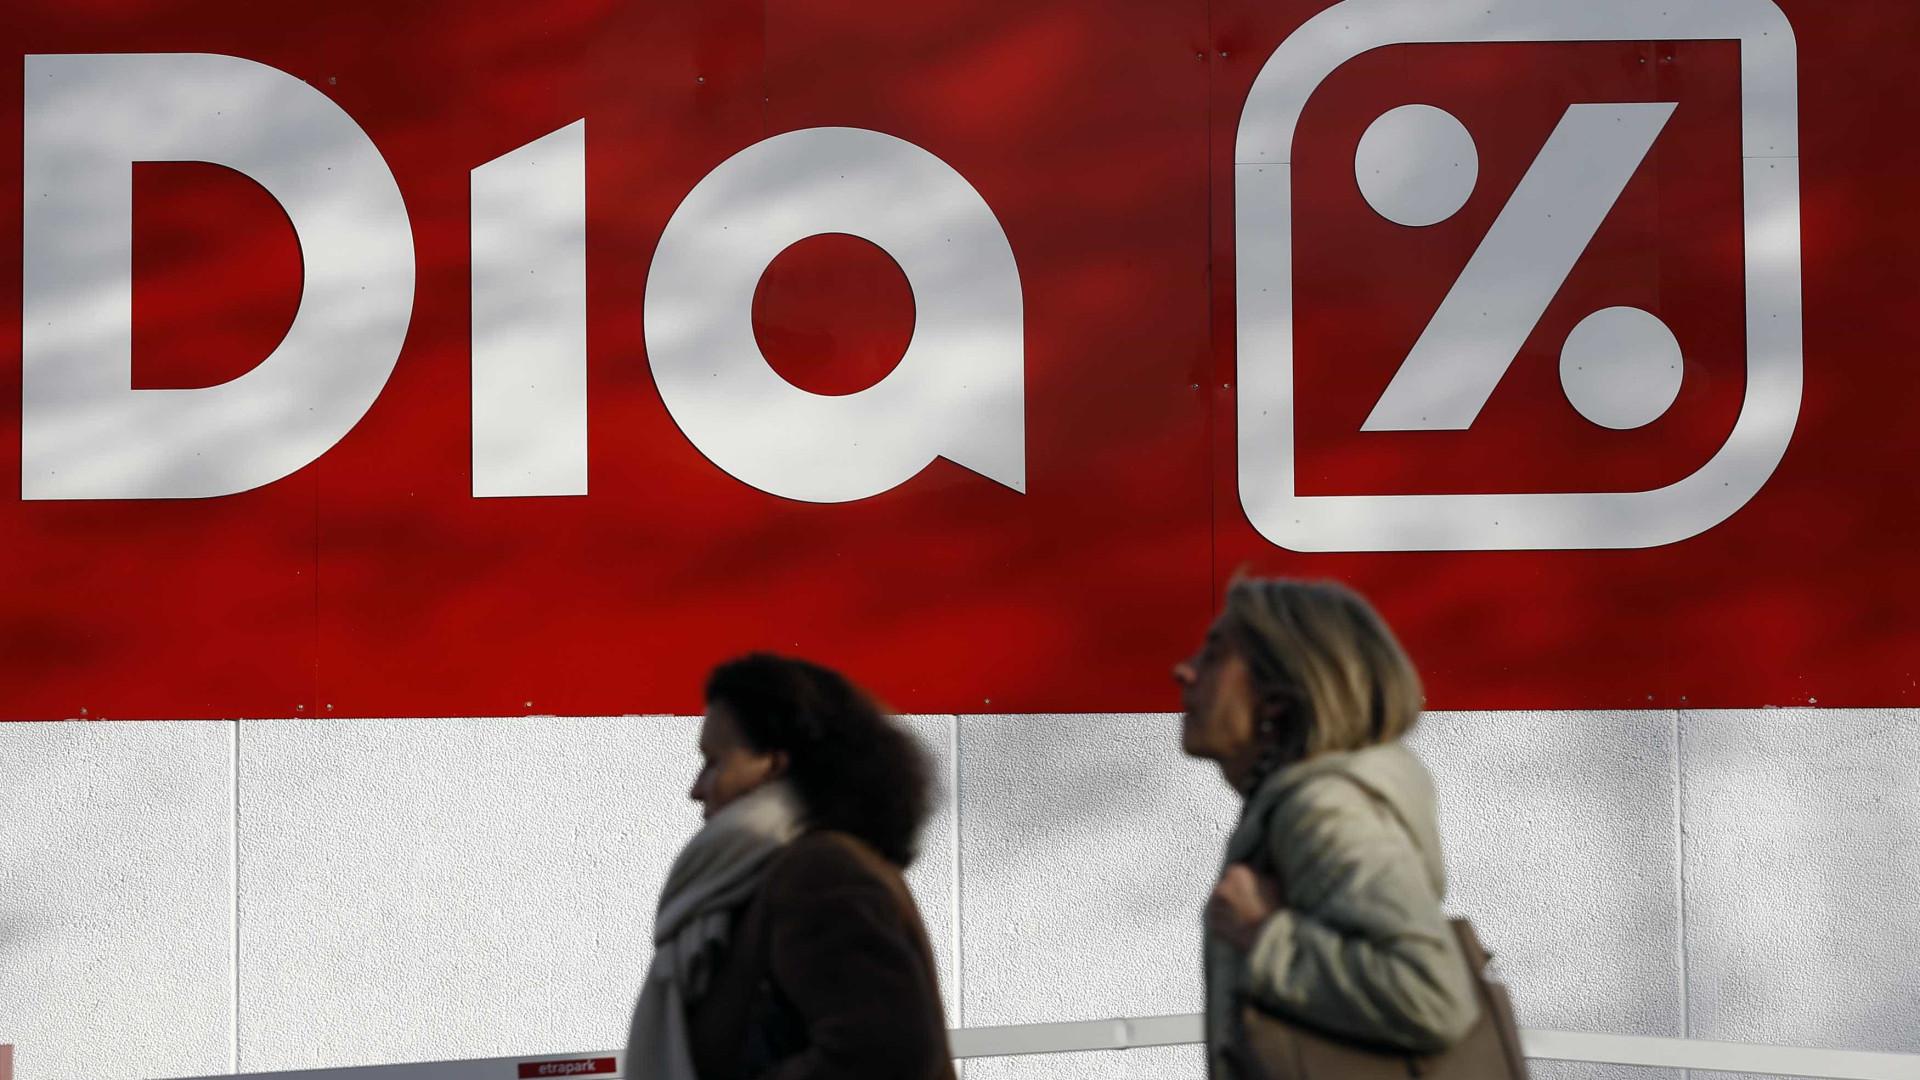 Audiência Nacional espanhola confirma multa de 6 milhões à retalhista DIA